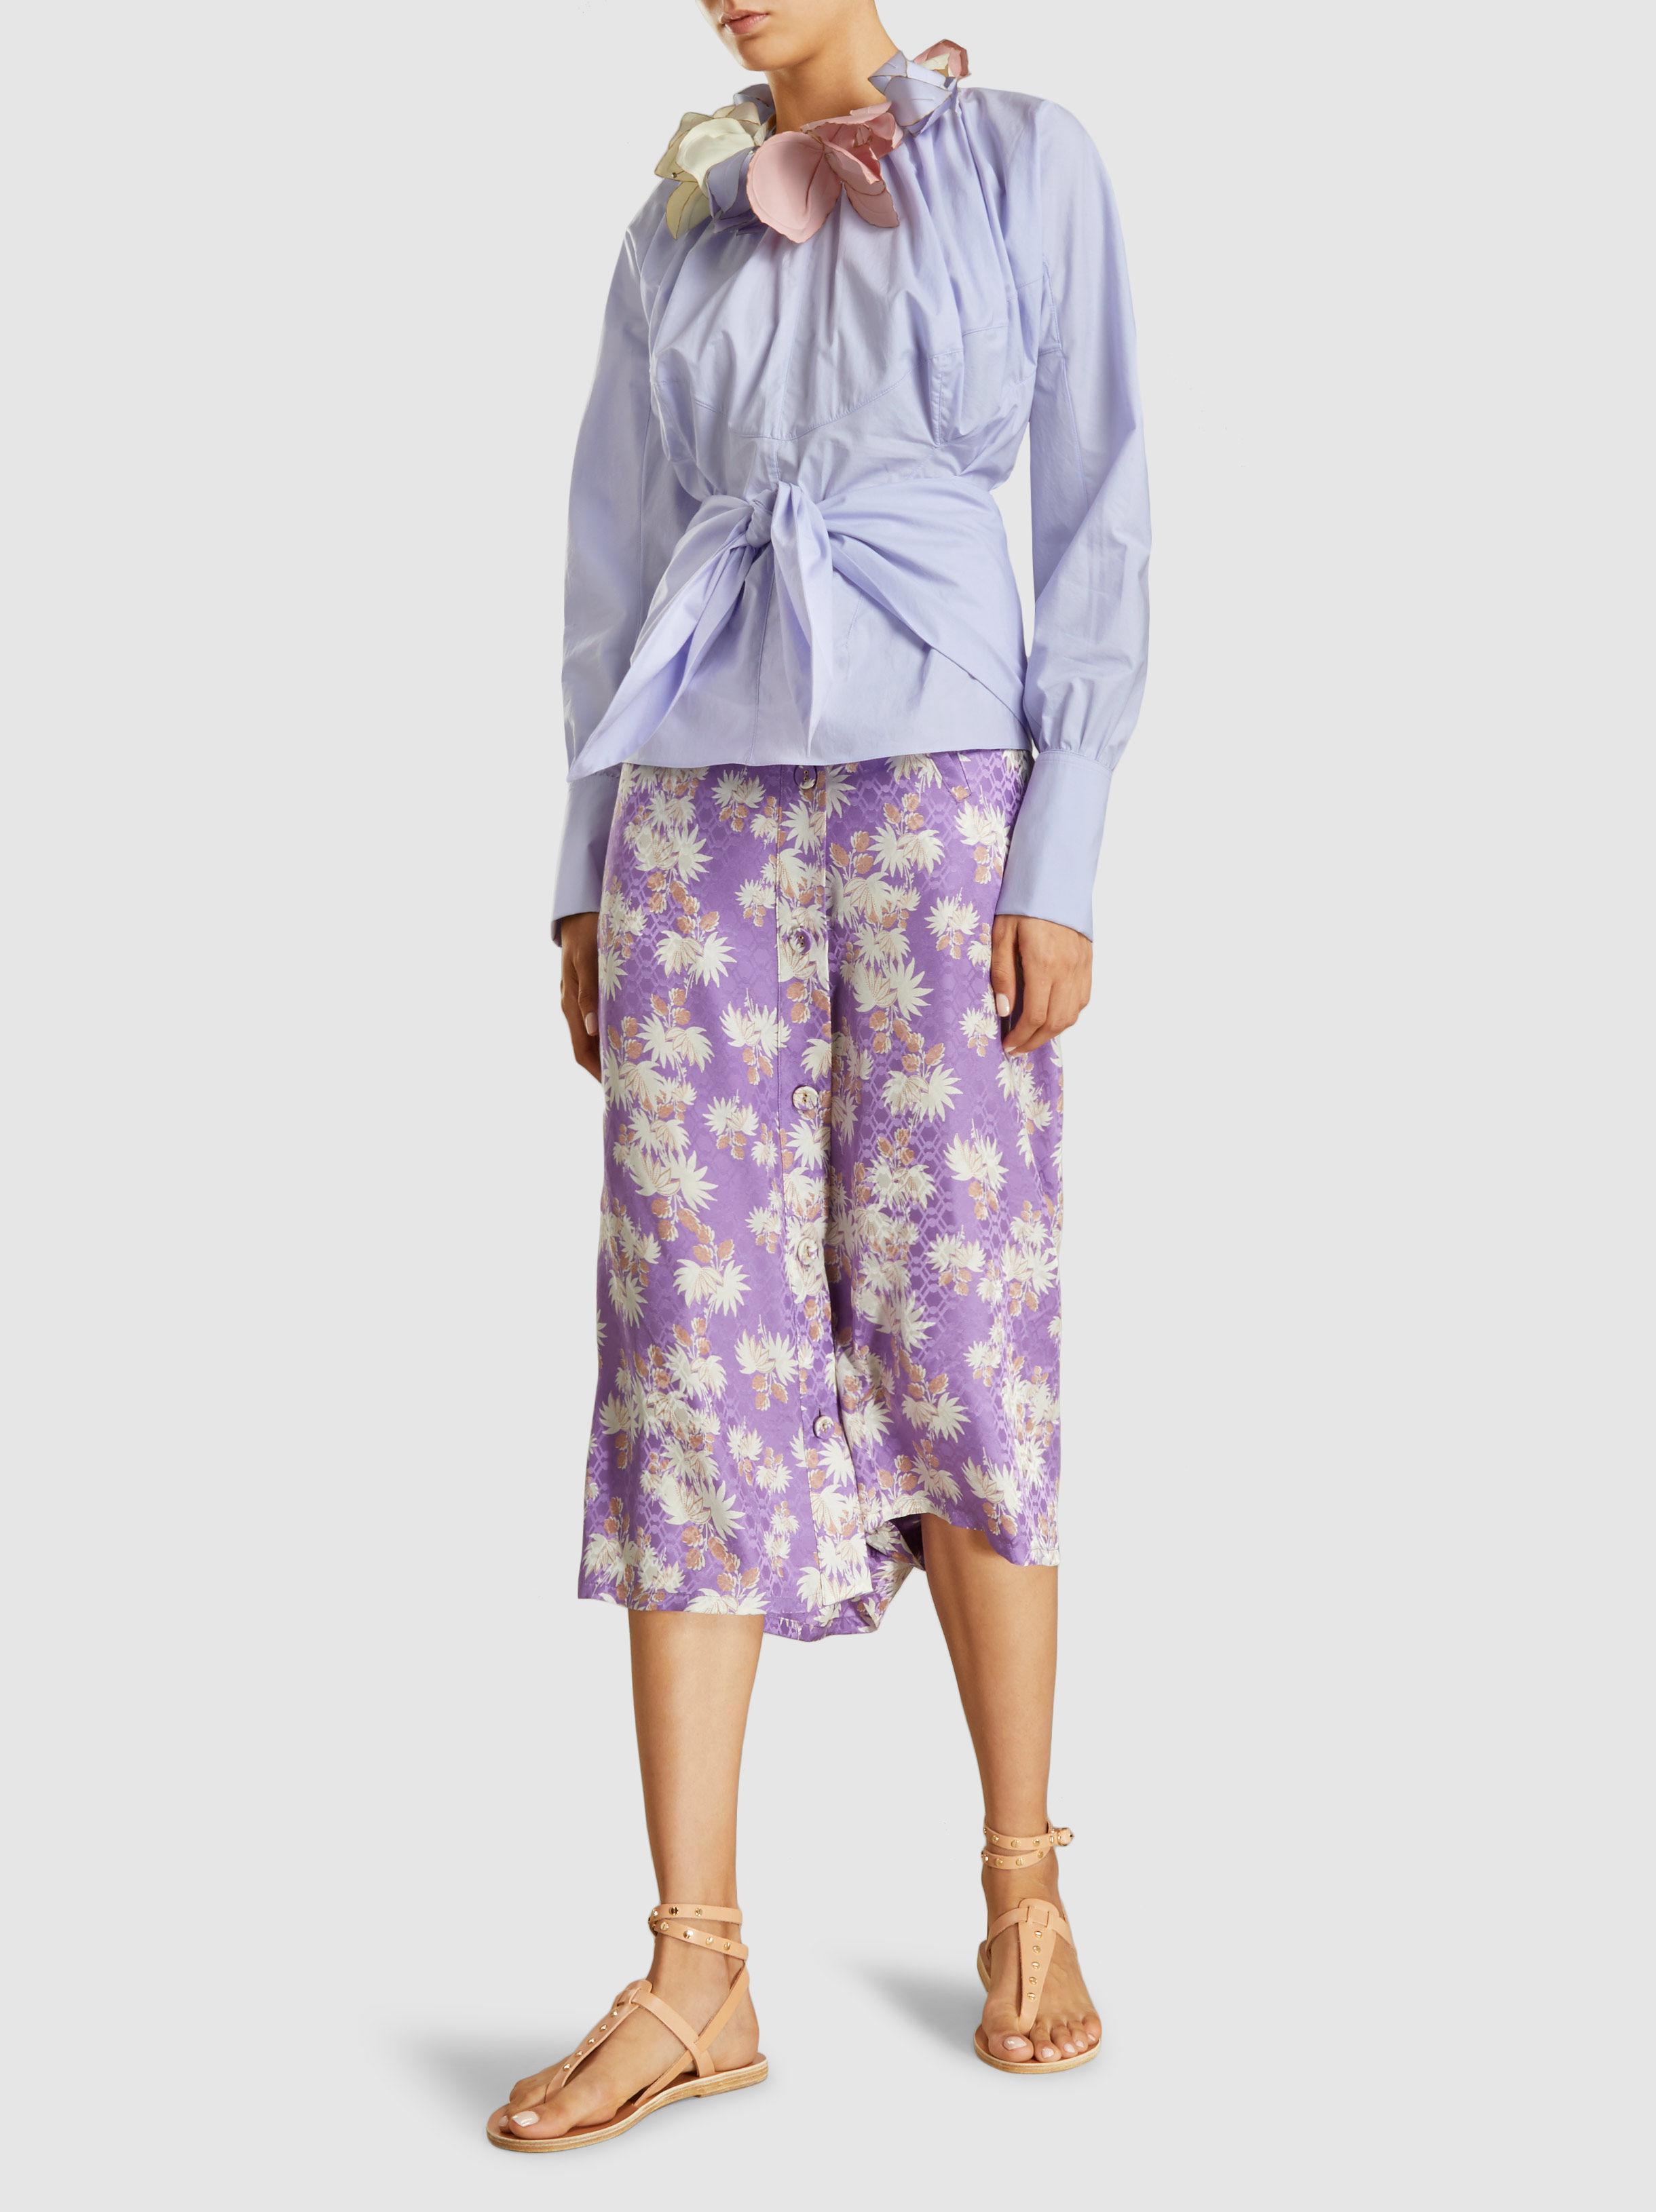 Outlet Sale Online Clearance Deals Uvalde Floral-Print Silk-Jacquard Culottes Rachel Comey Genuine Sale Online T1xt19A7V